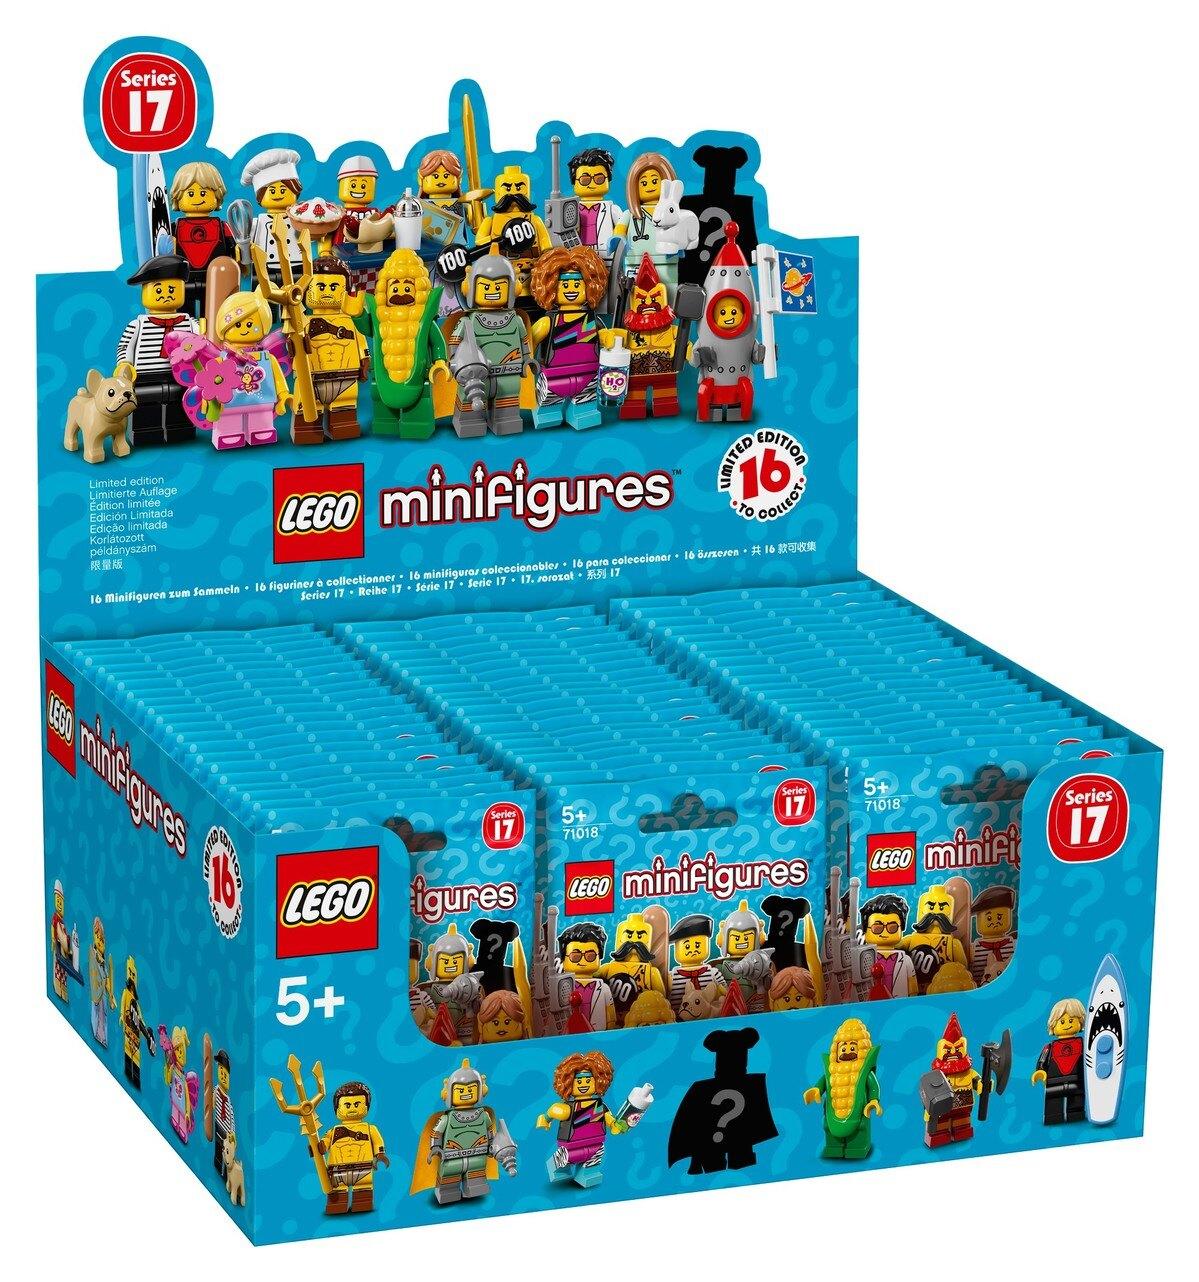 樂高LEGO 17代人偶抽抽包